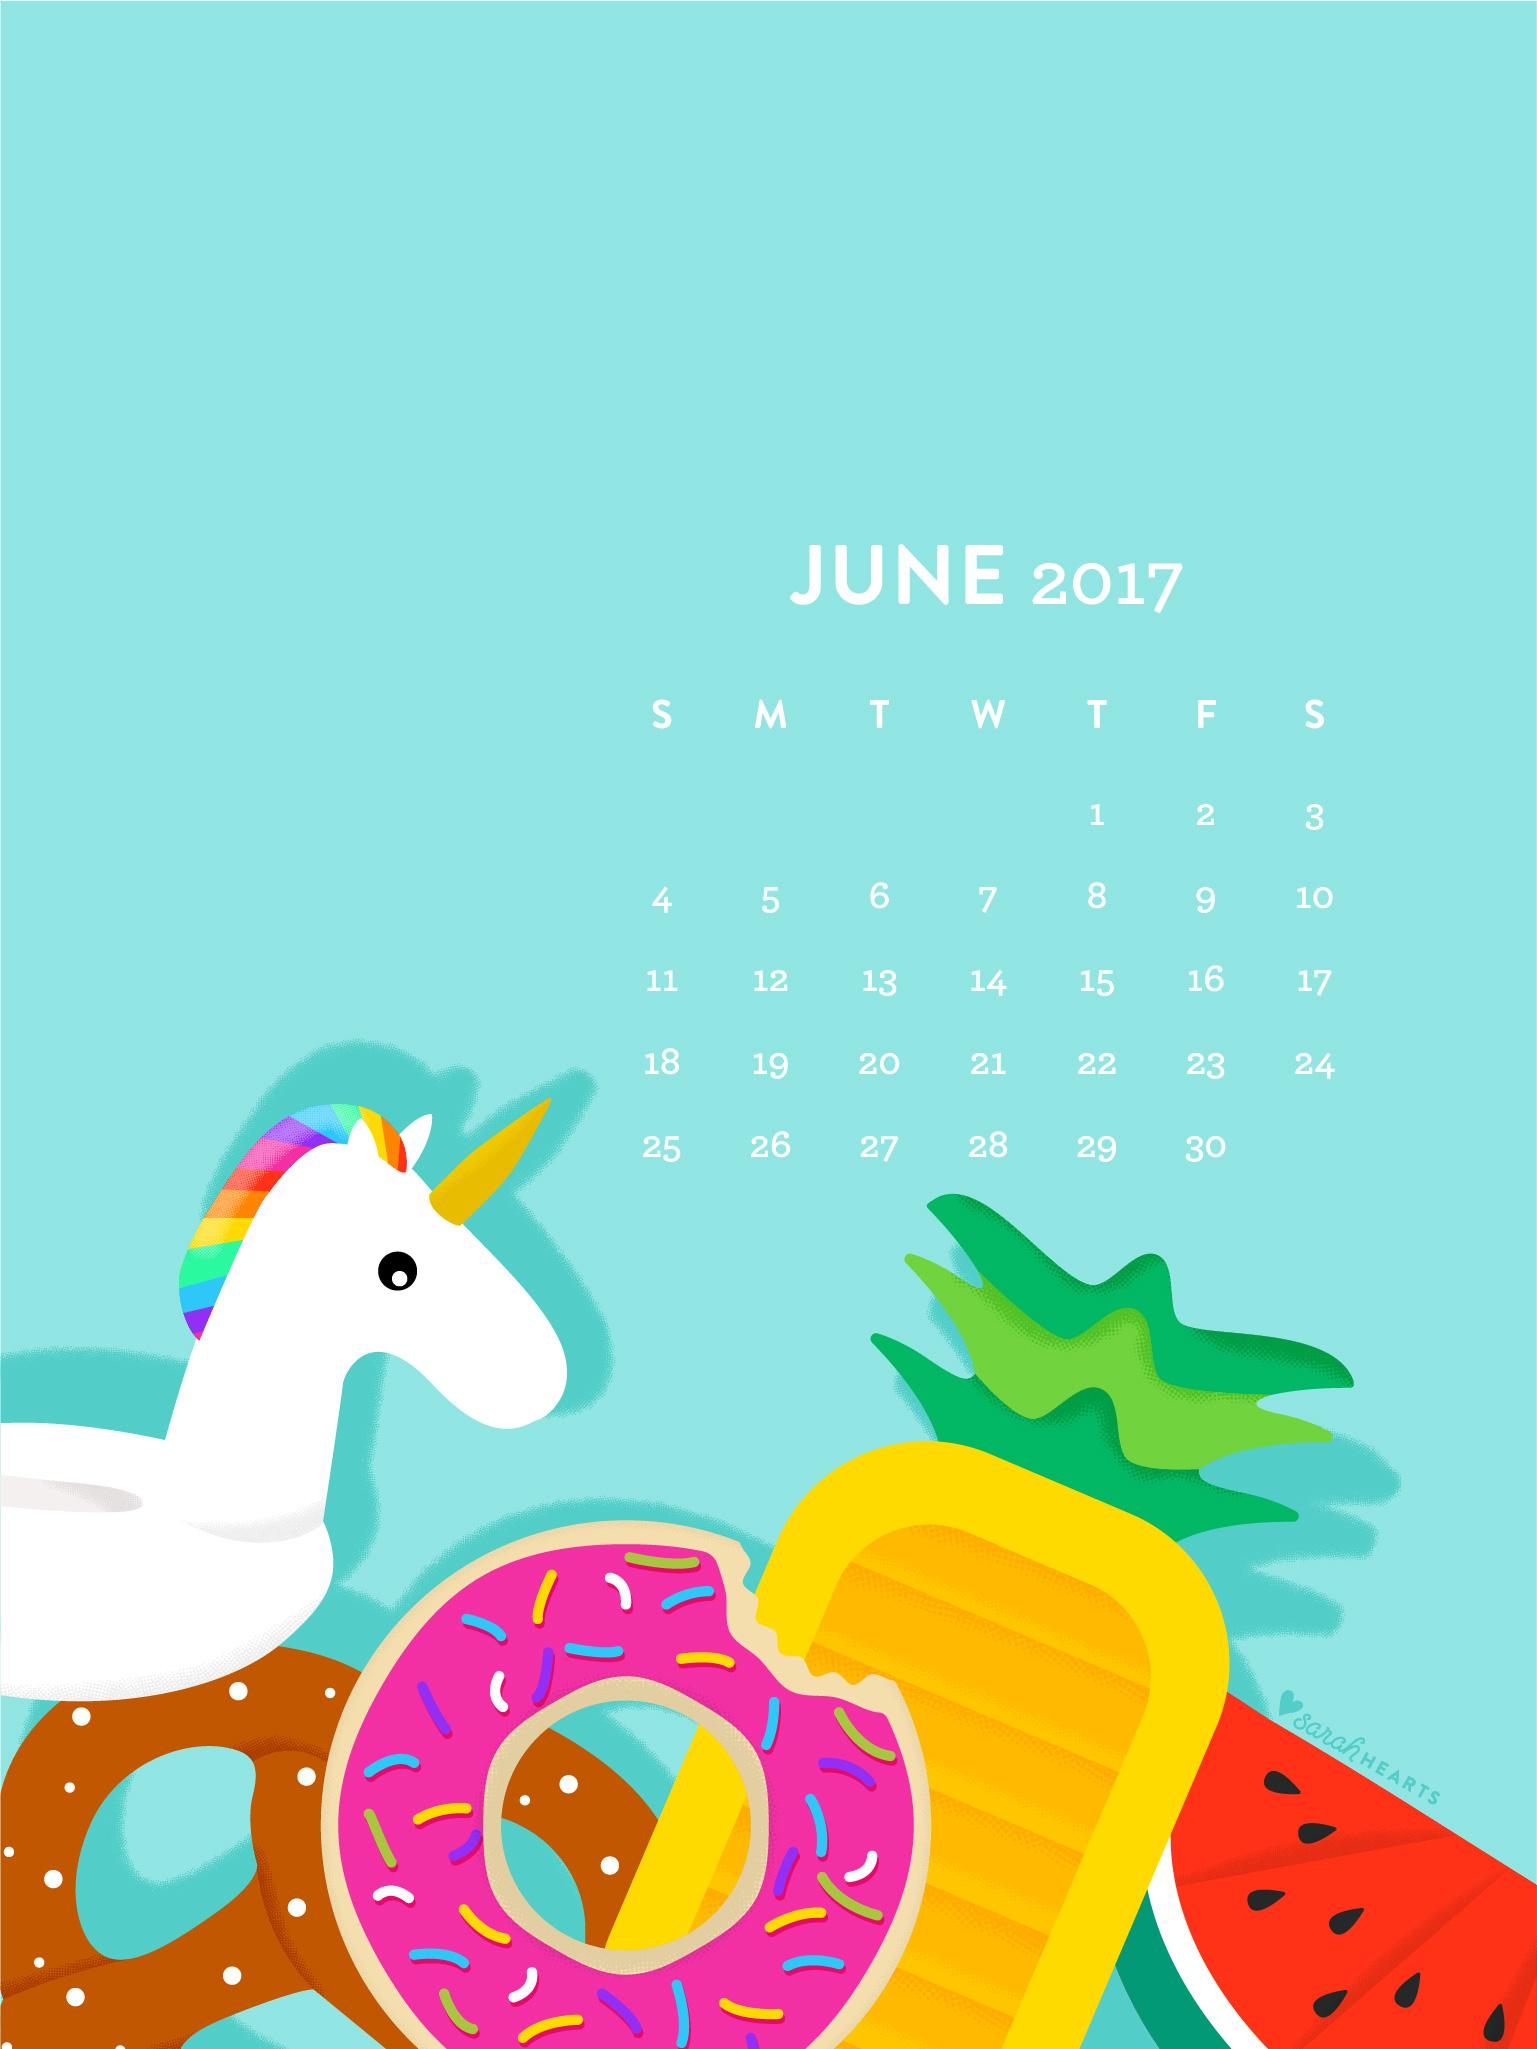 Graphic Designer Quote Wallpaper June 2017 Pool Float Calendar Wallpaper Sarah Hearts